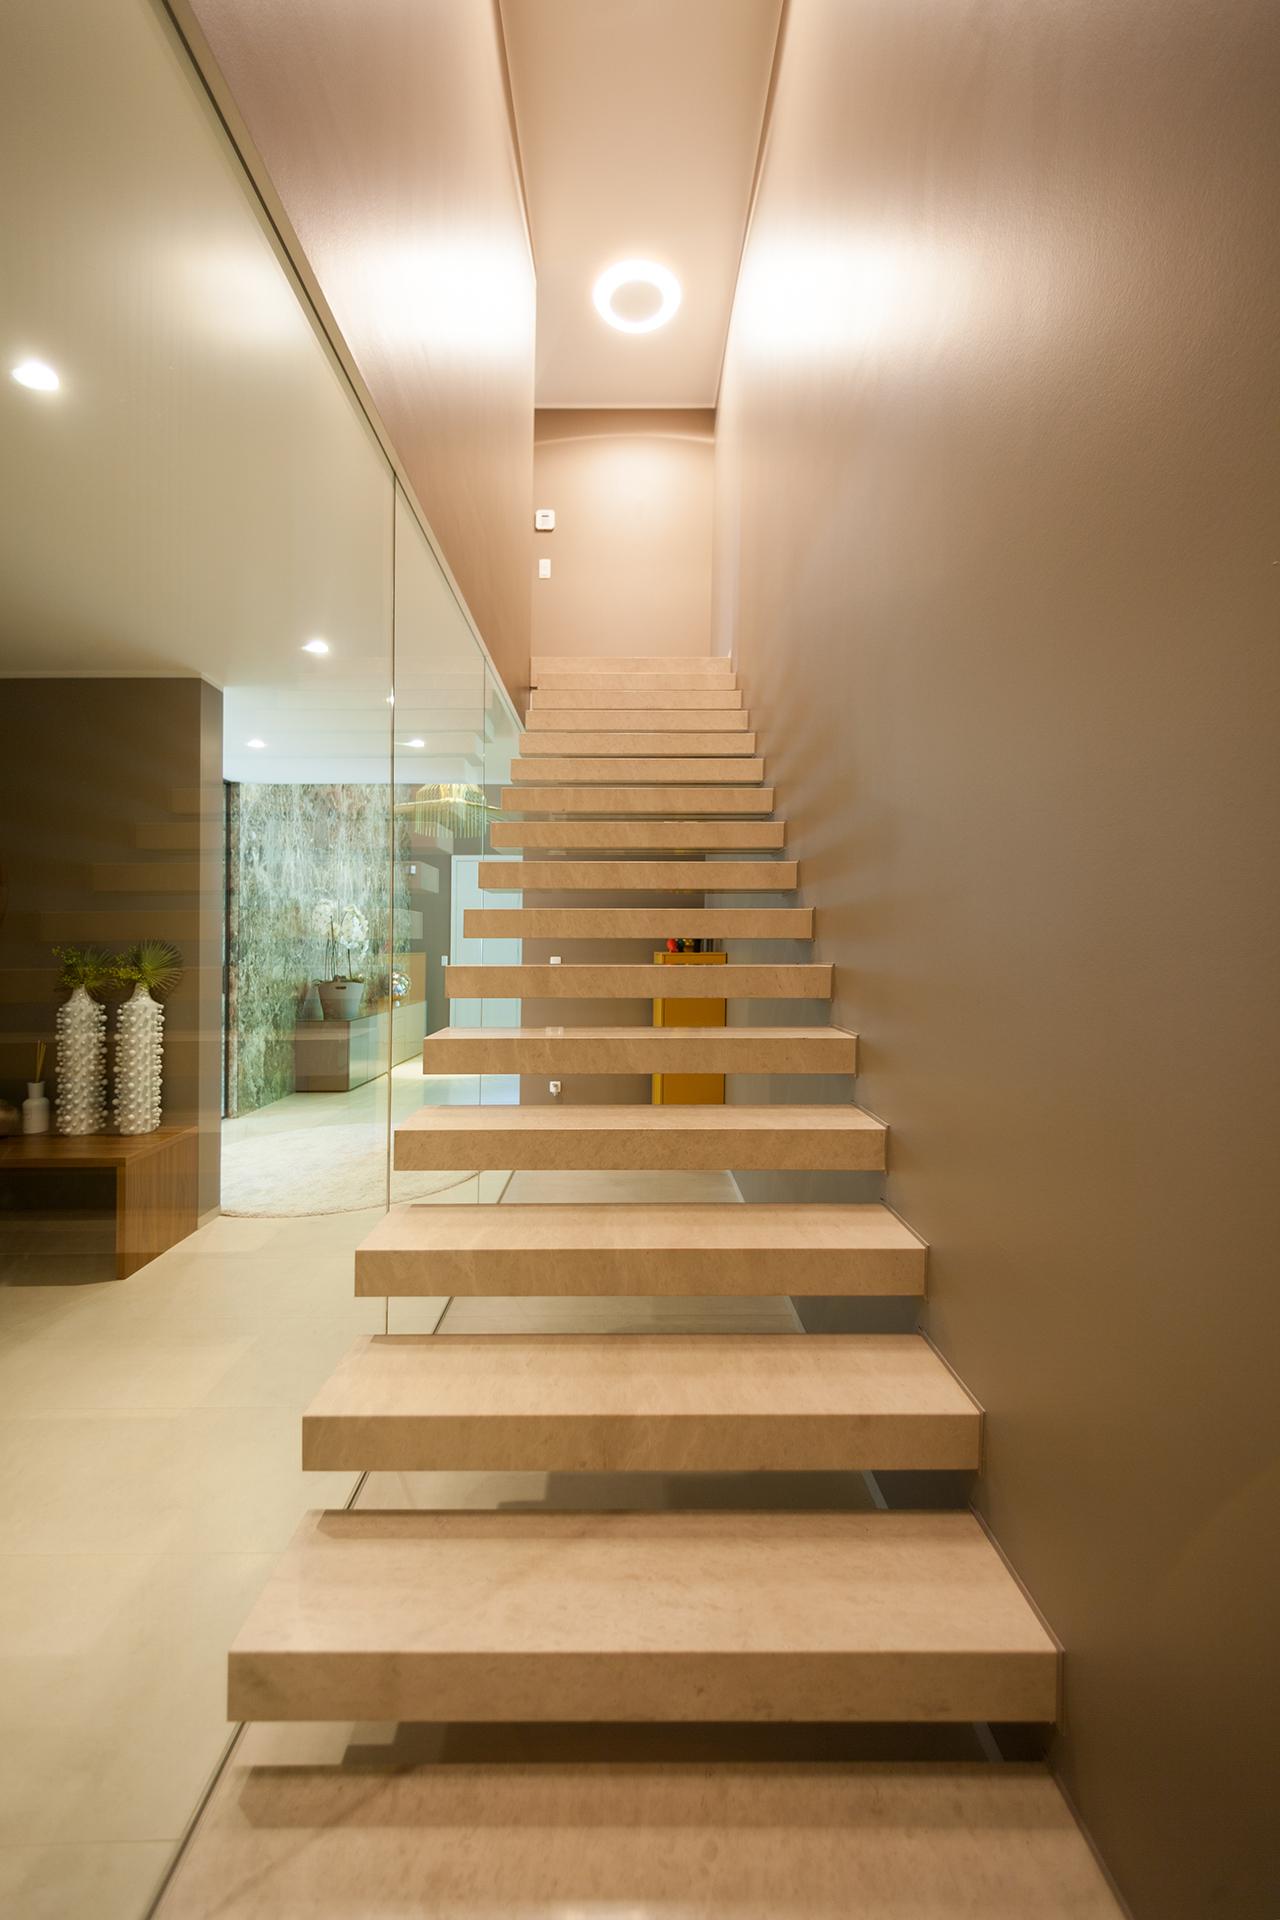 Natursteintreppe aus Blockstufen